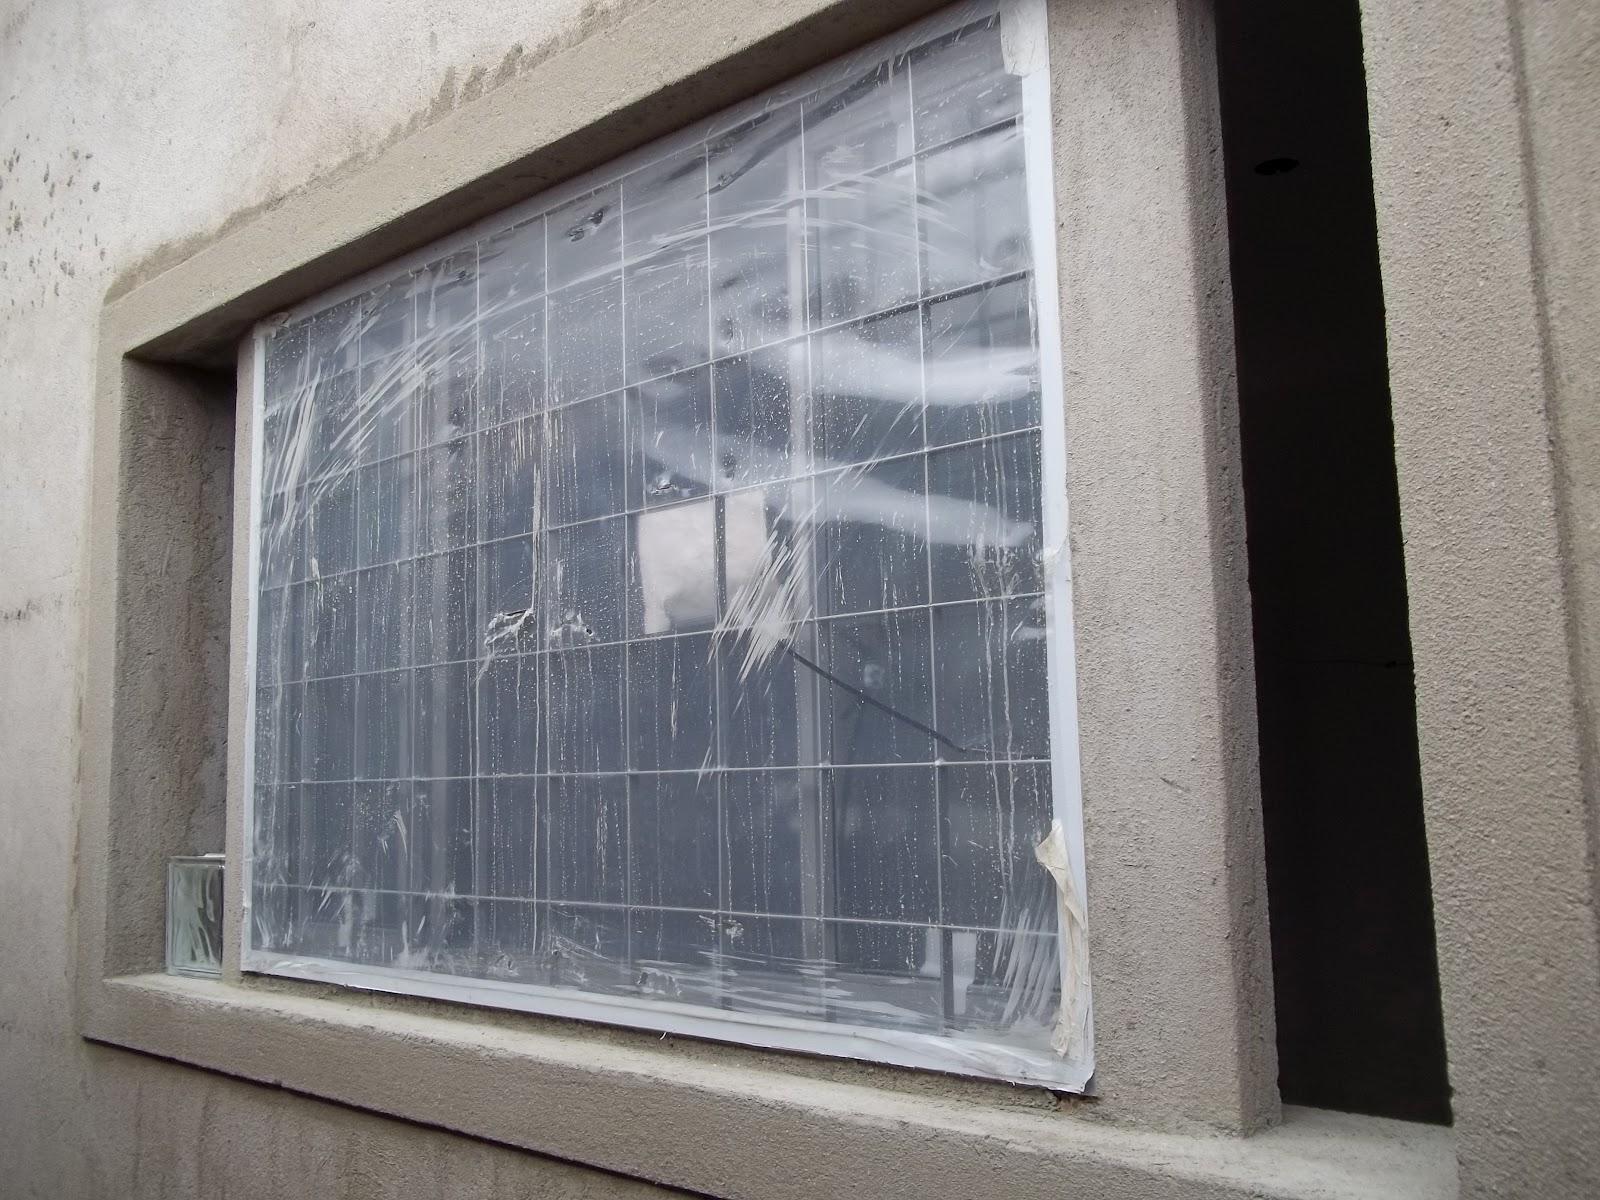 #515966 Janela da cozinha. Faltam os blocos de vidro na lateral para dar o  240 Janelas De Vidro Para Terraço